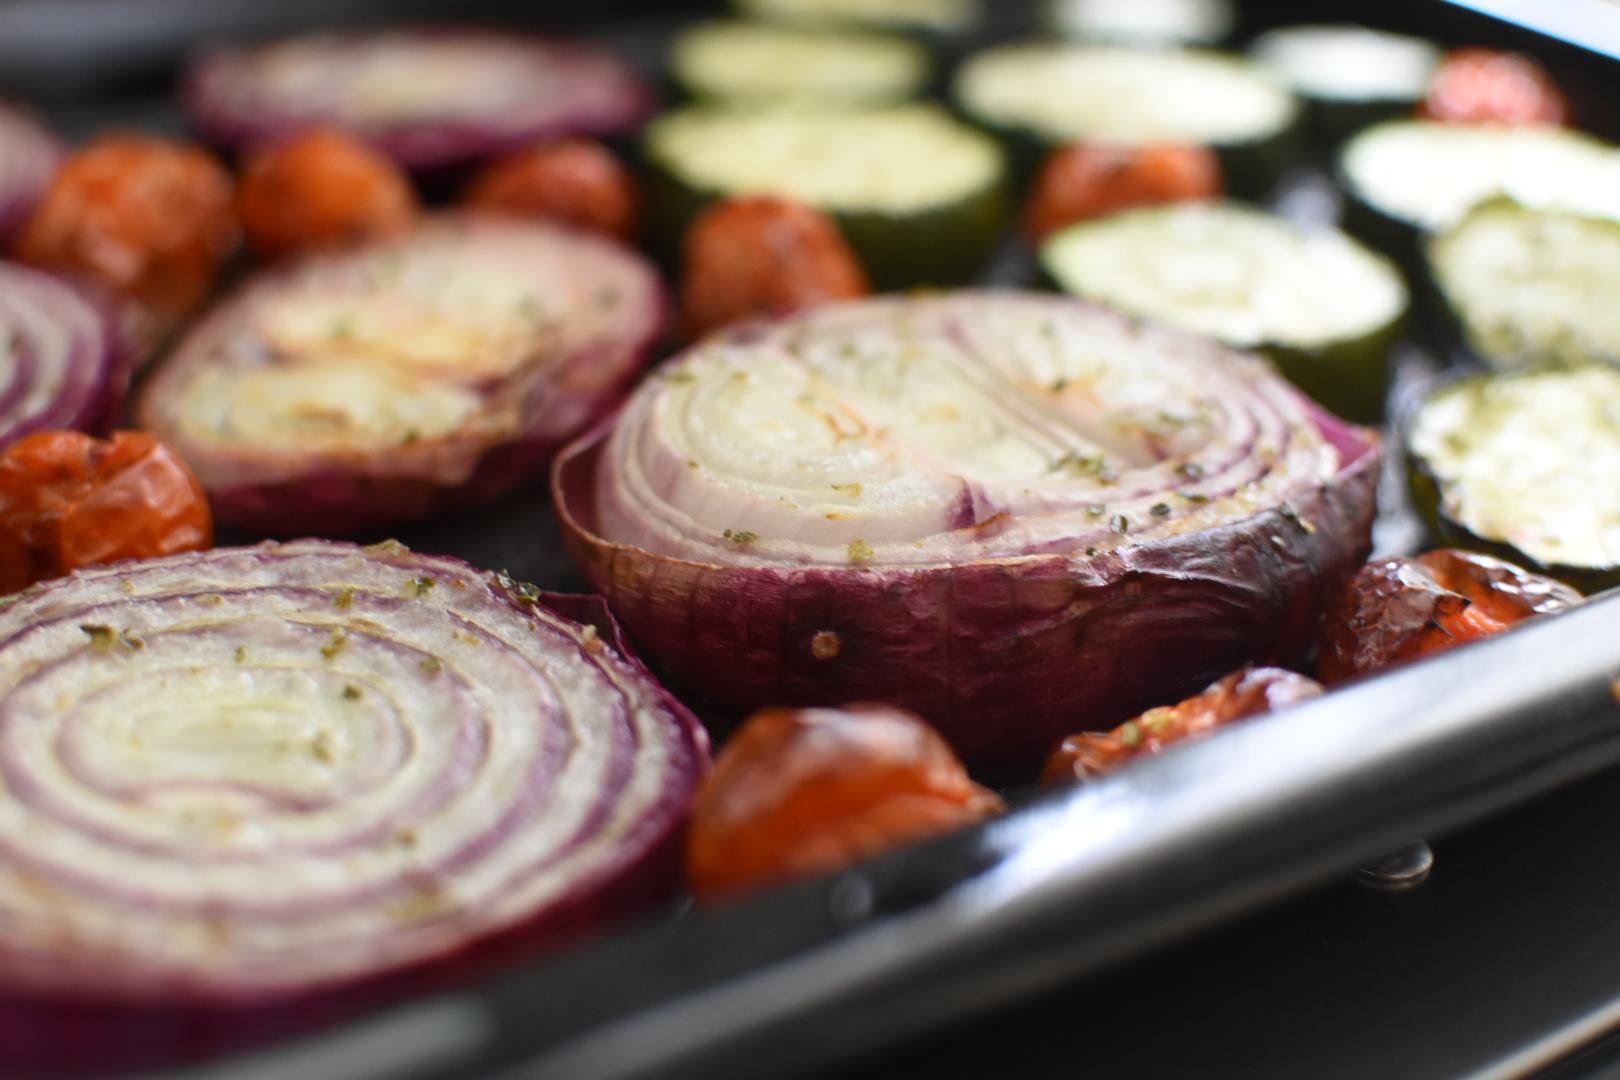 ロースト野菜のアンティパスト